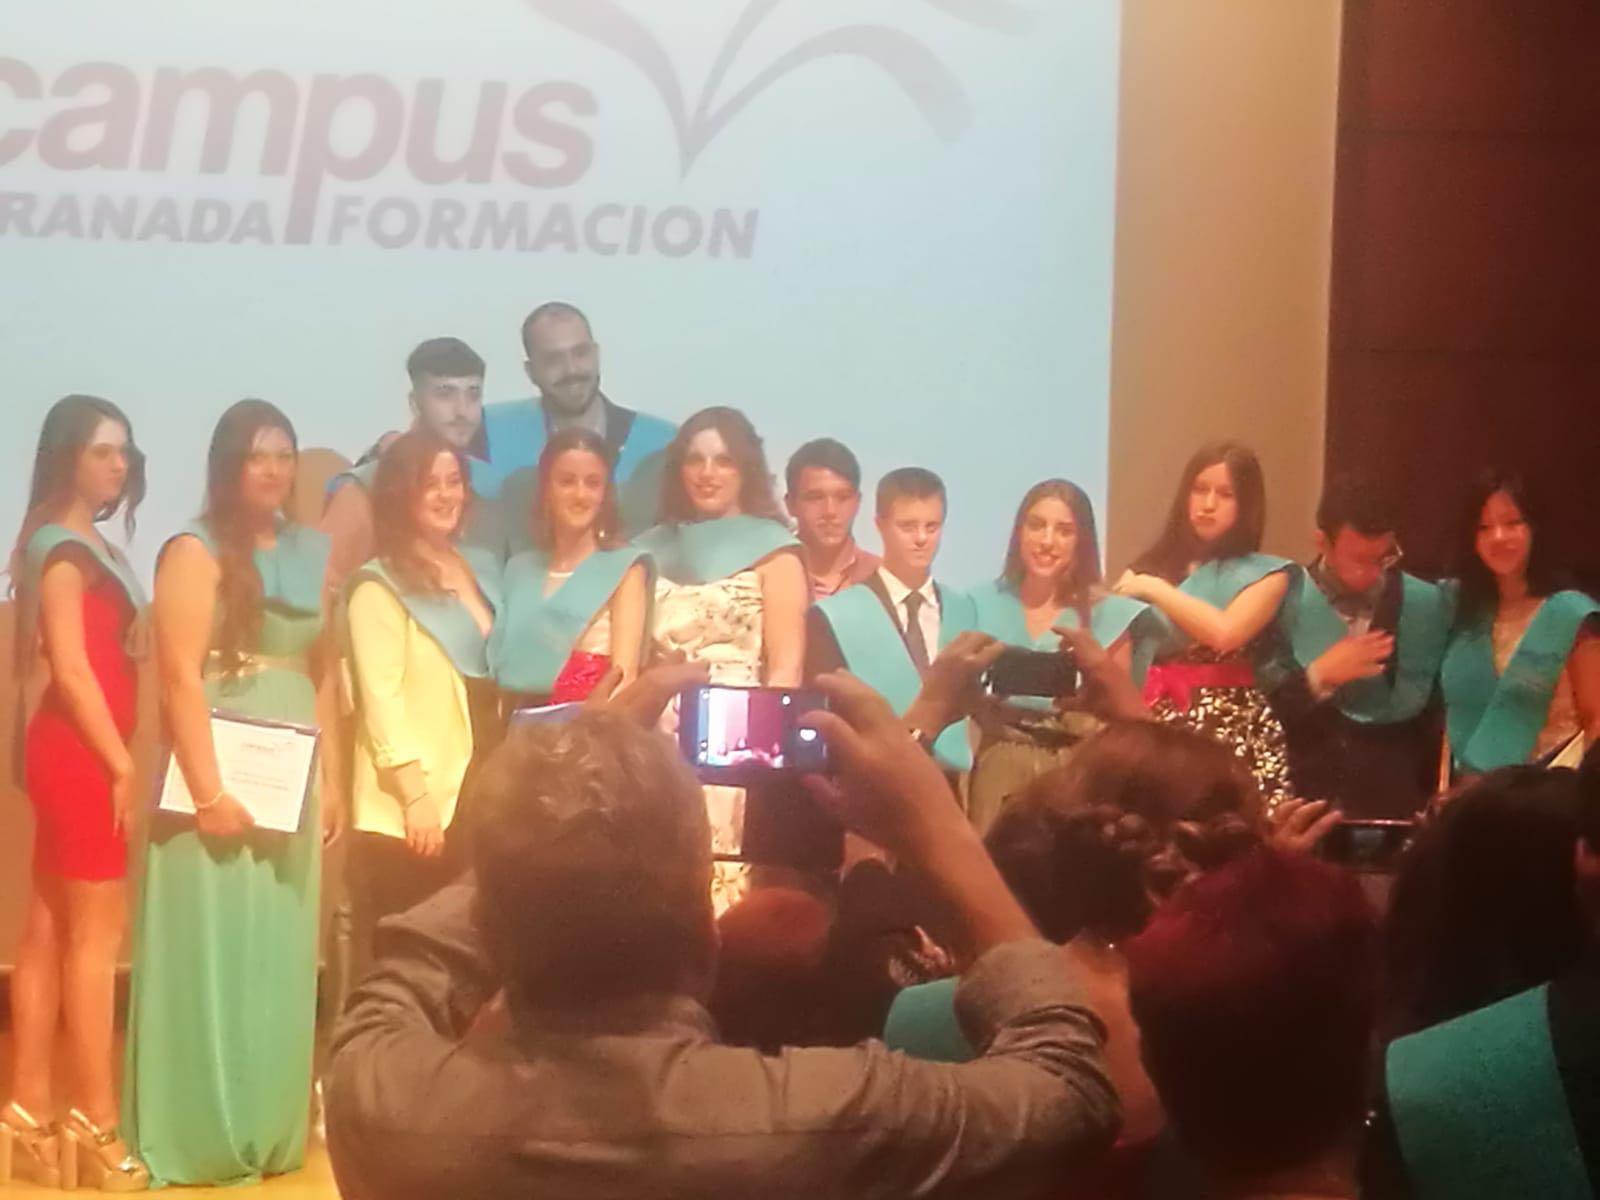 Graduación Campus Formación Granada - Promoción 2016/18